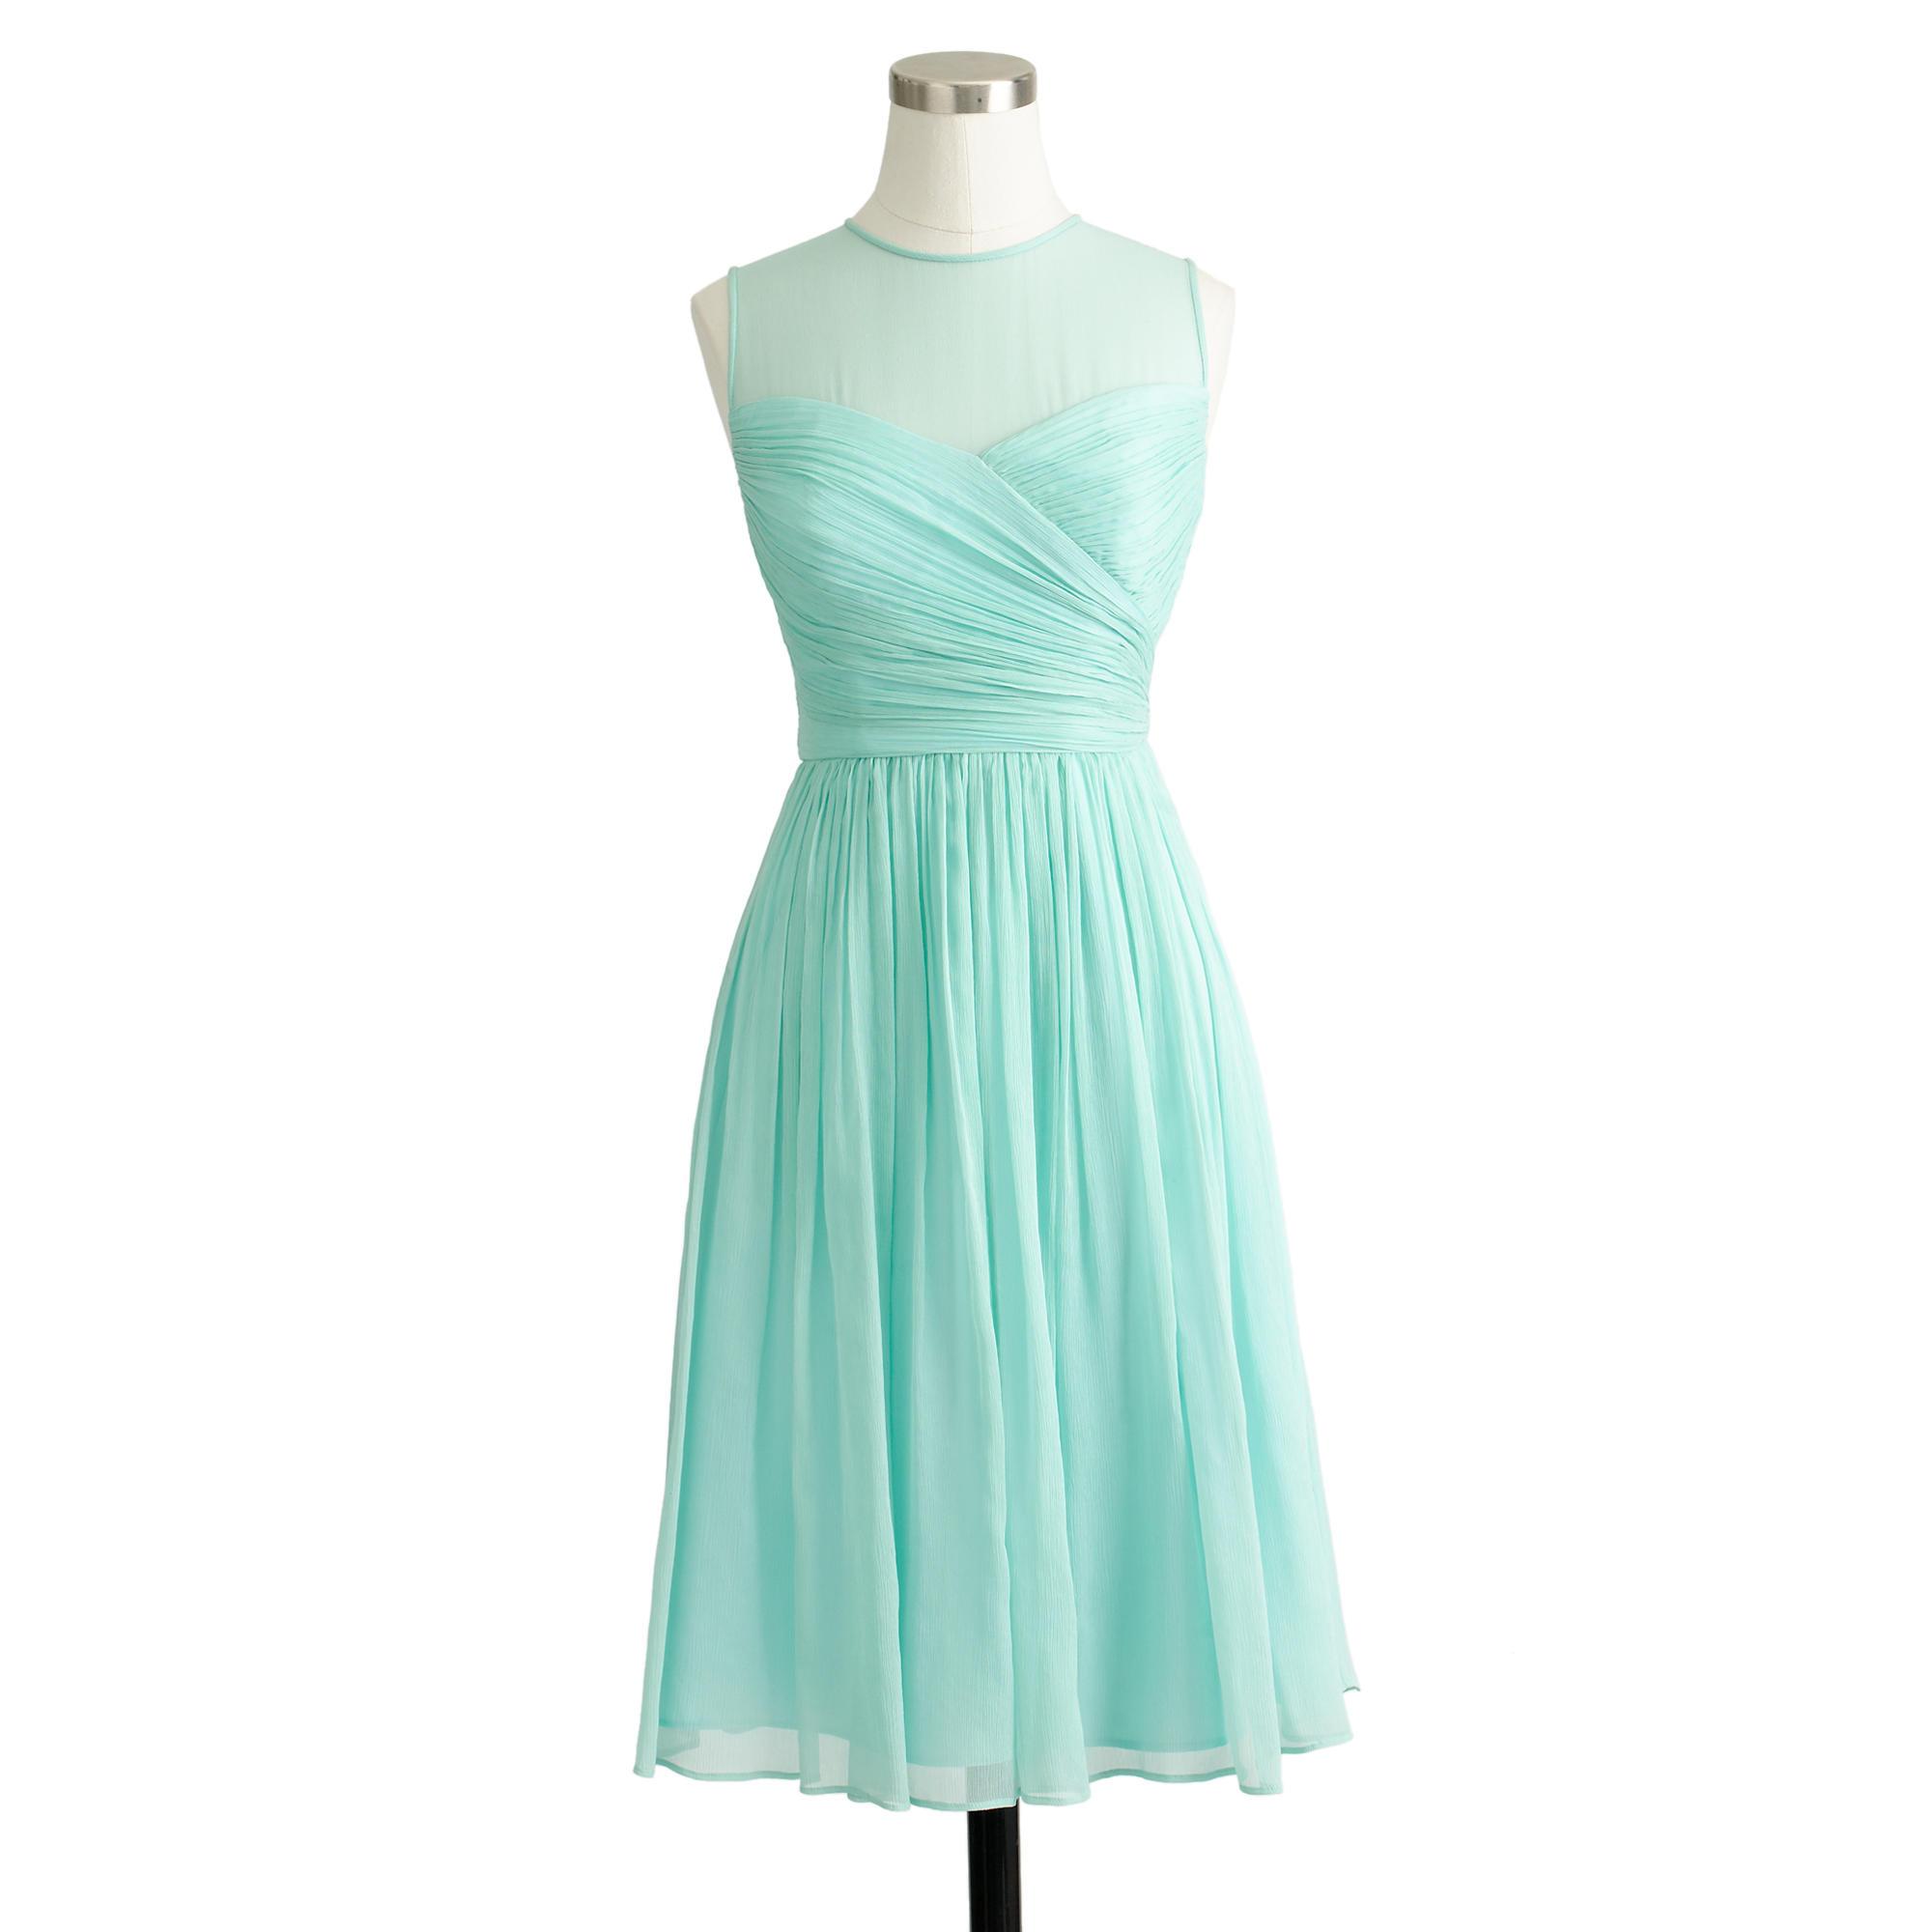 J.Crew Bridesmaids Dresses Aqua